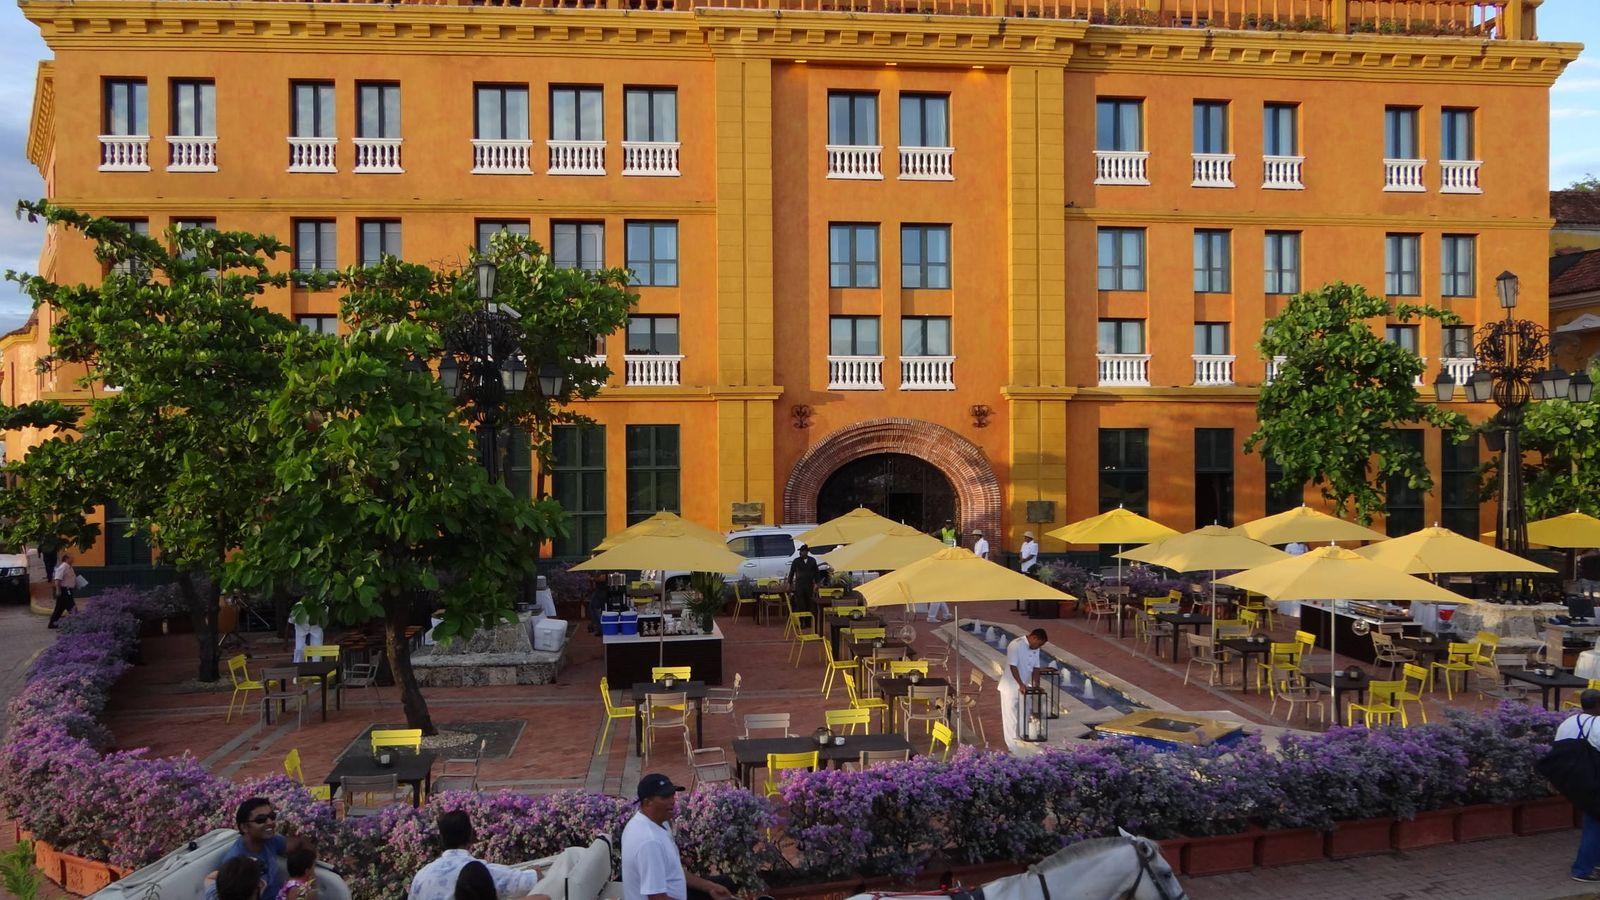 Foto: Hotel Charleston de Cartagena de Indias, cinco estrellas. (Wikipedia)